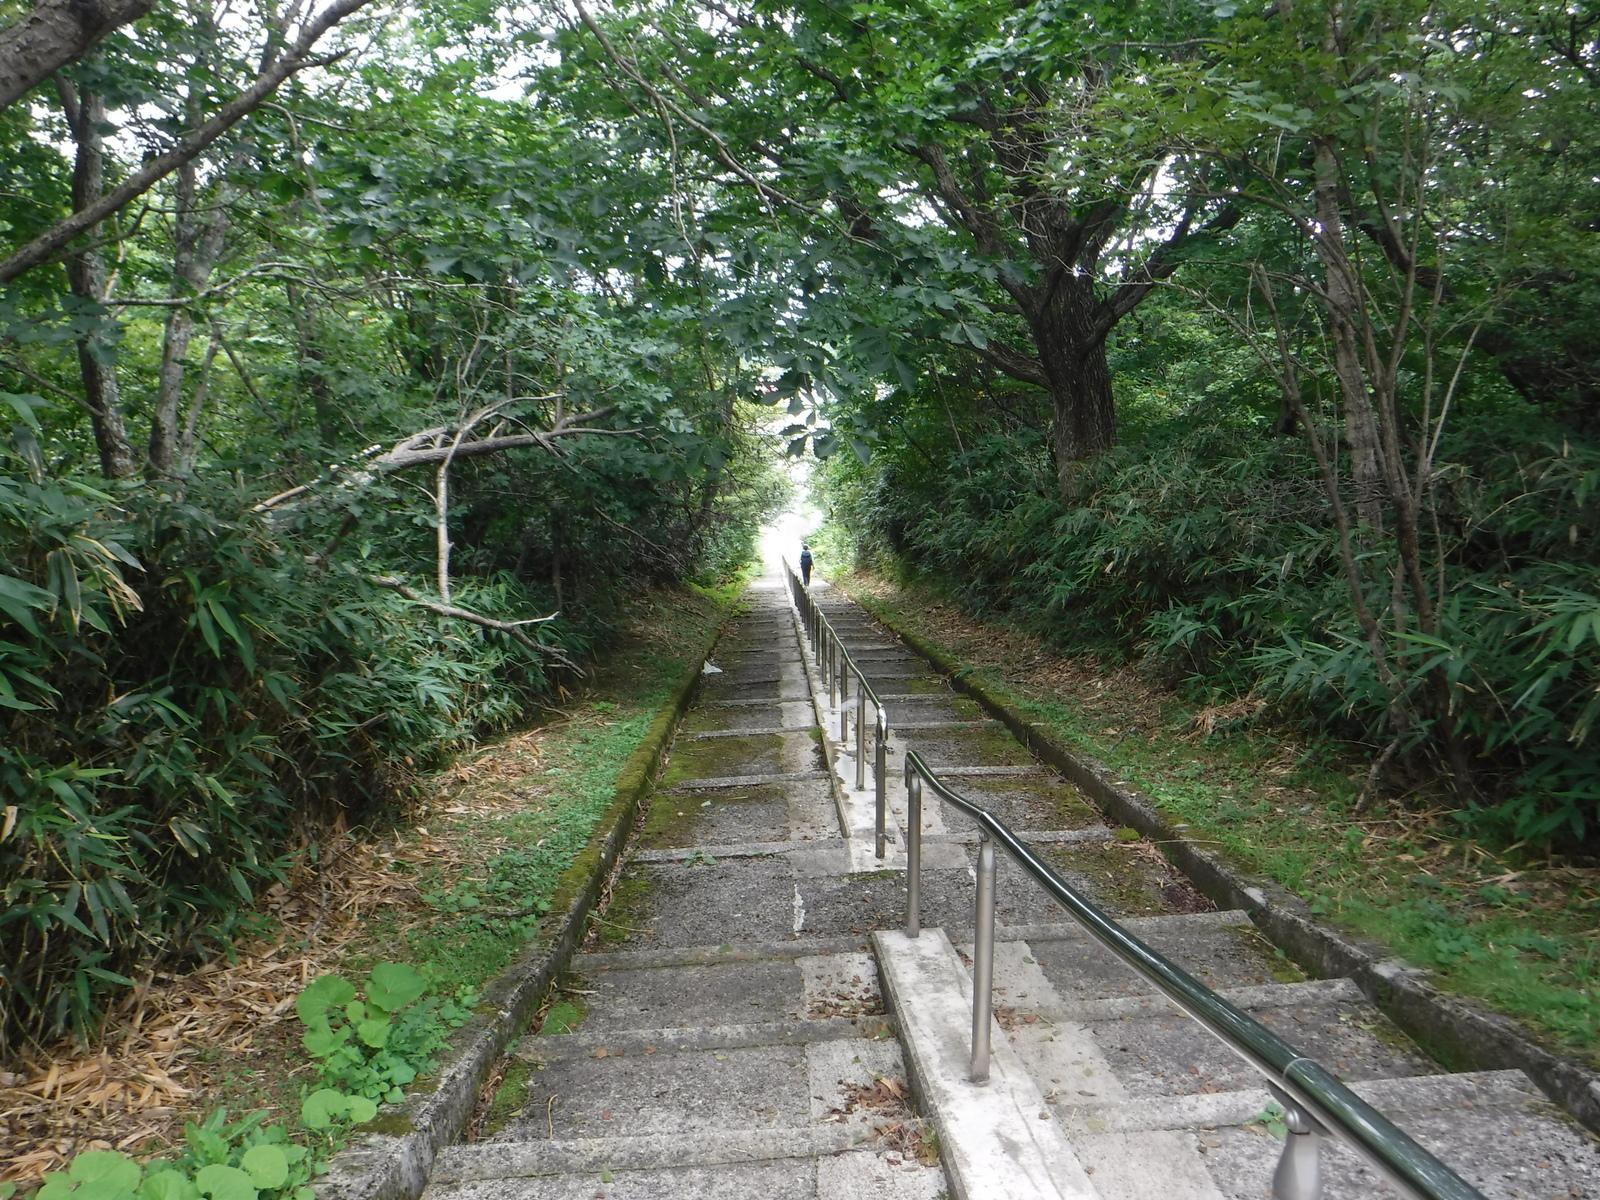 ロープウエー山麓駅から先の、車道沿いの近道